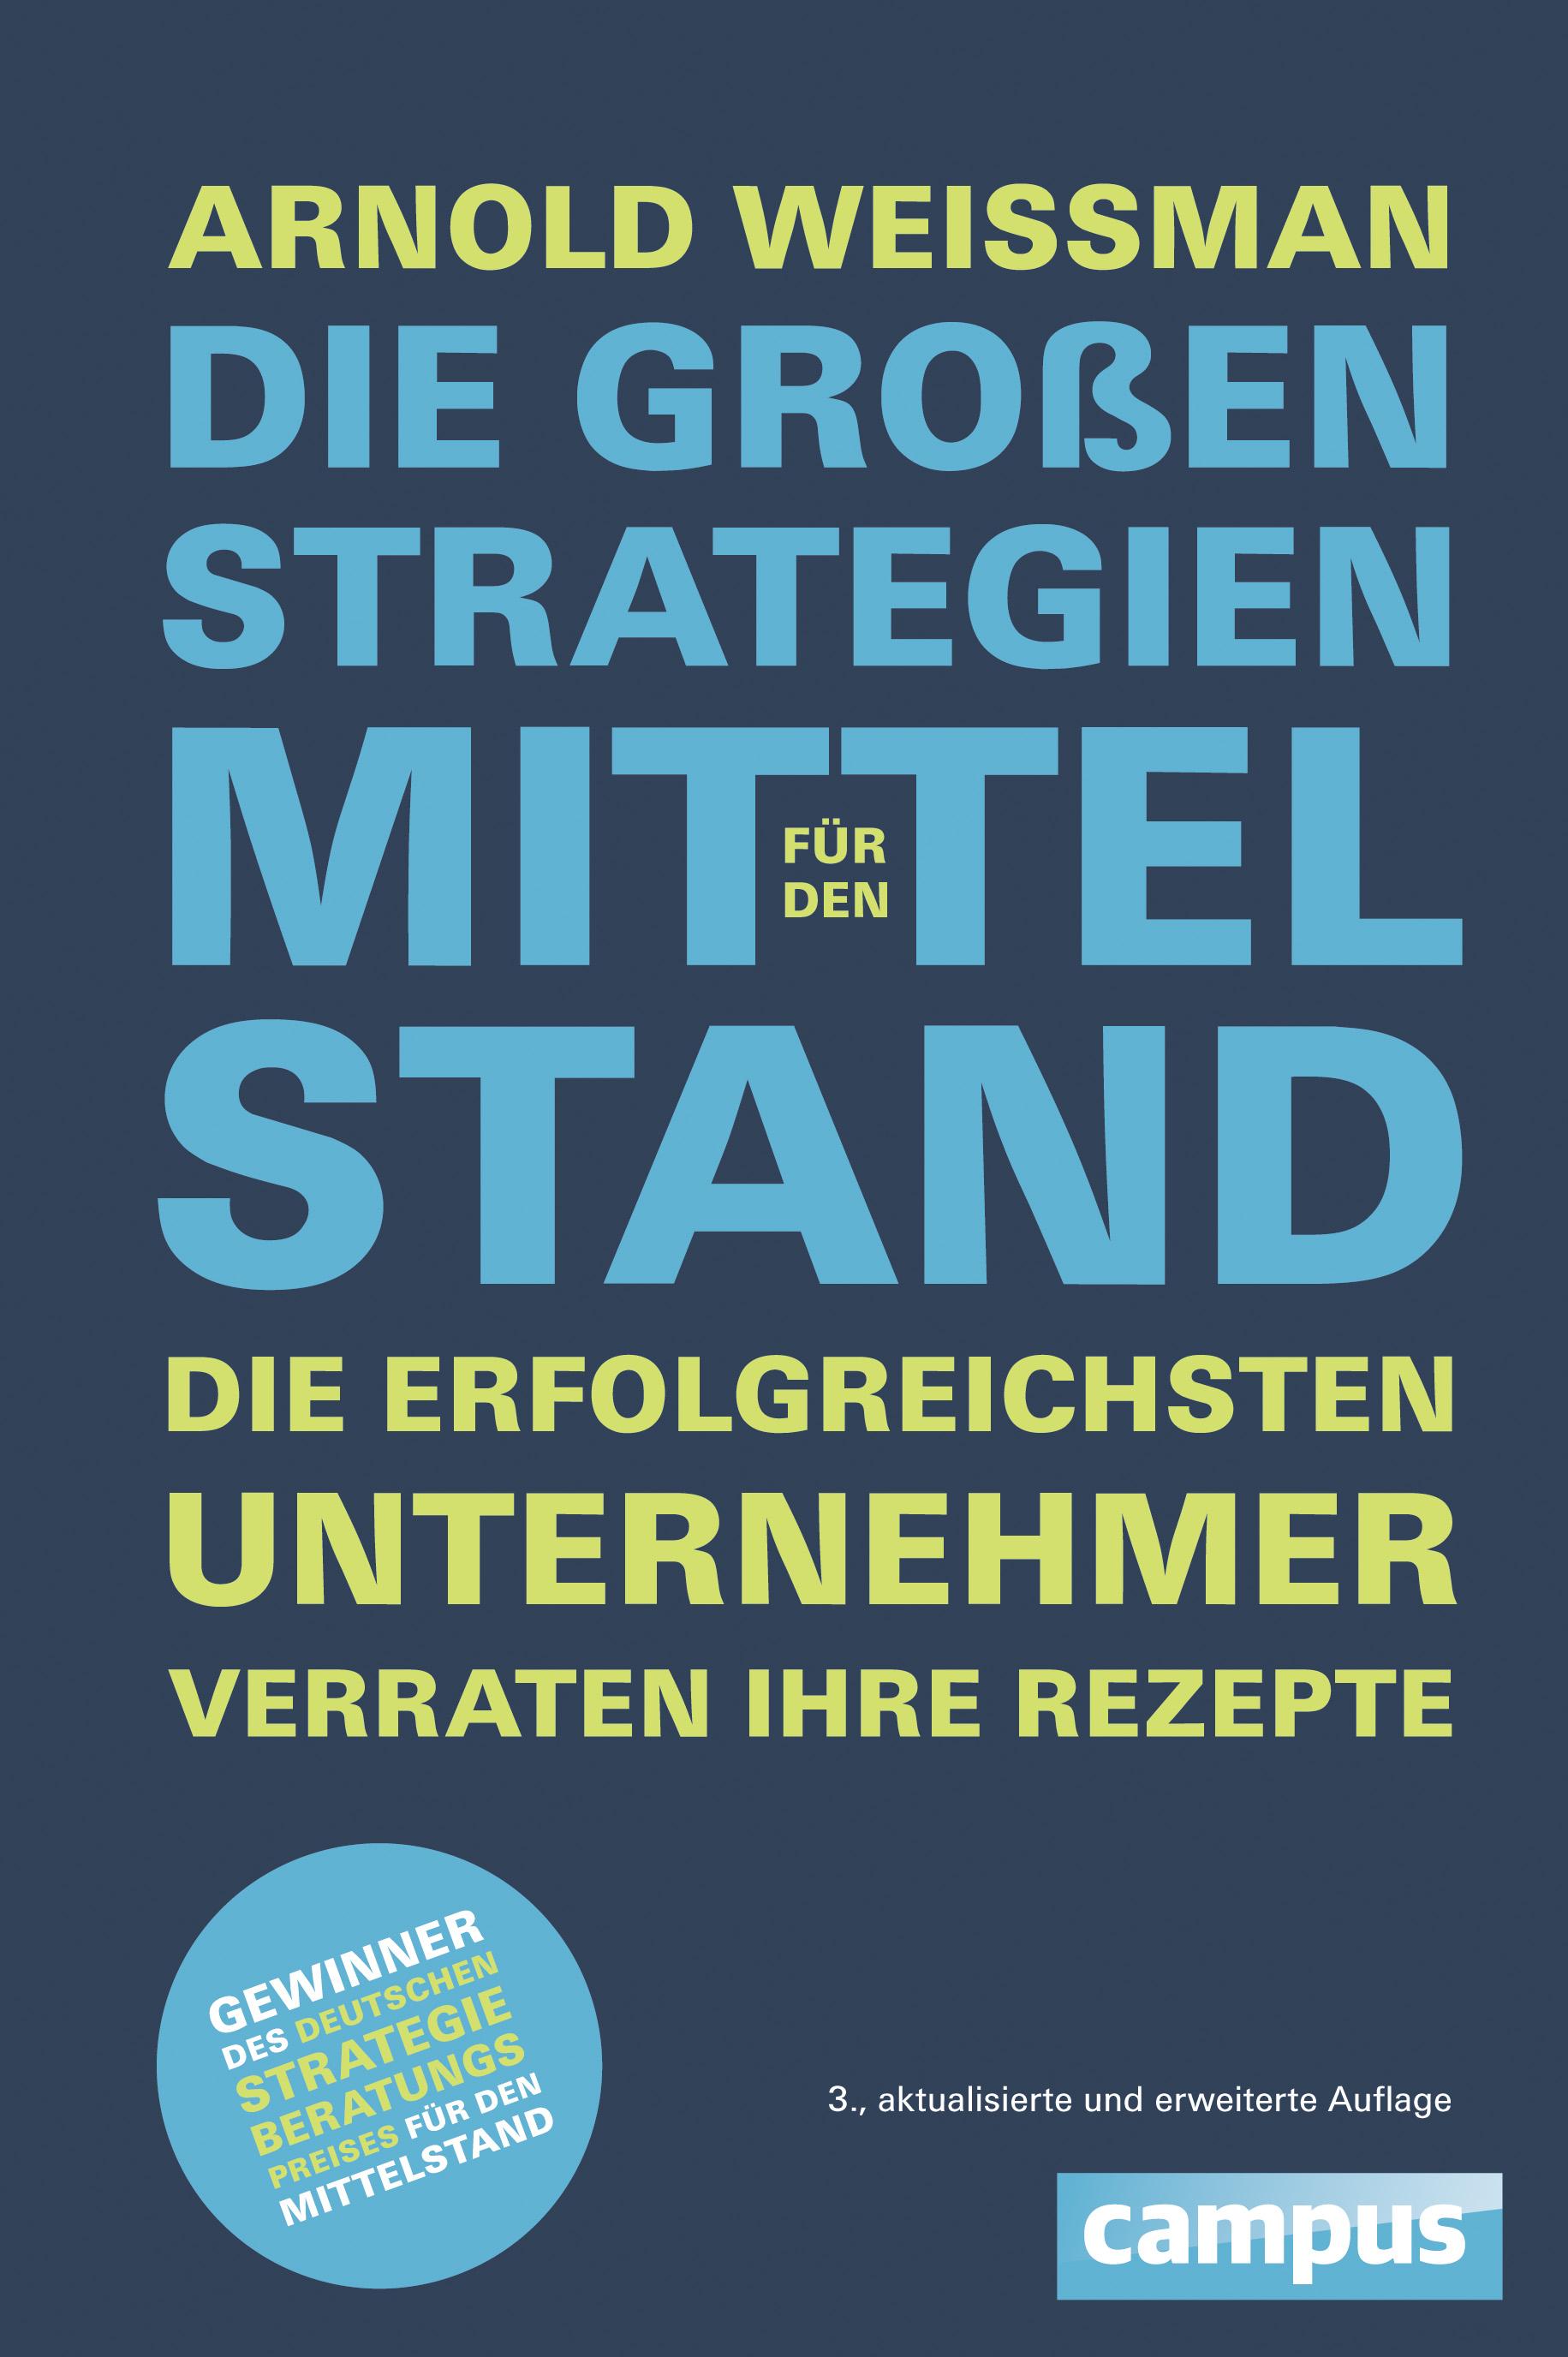 Expert Marketplace -  Prof. Dr.   Arnold   Weissman  -  Prof. Dr. Arnold Weissman: Die großen Strategien für den Mittelstand